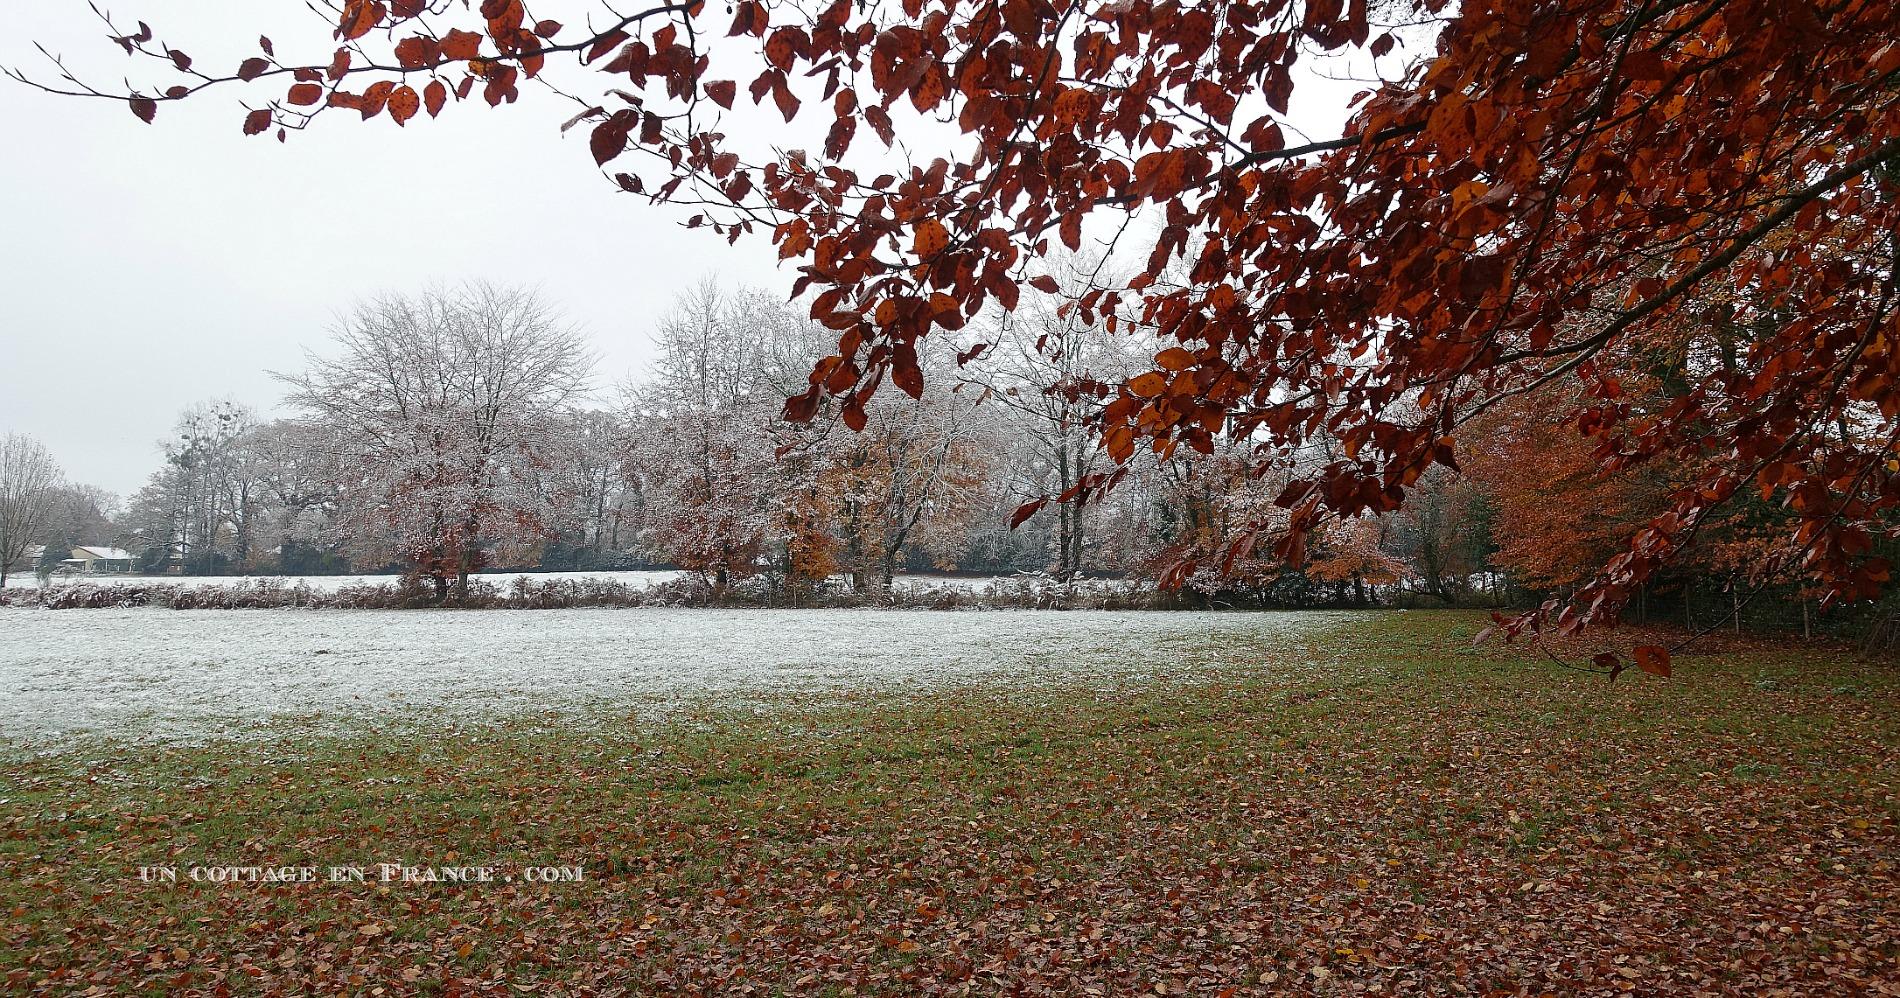 Décembre ||| December